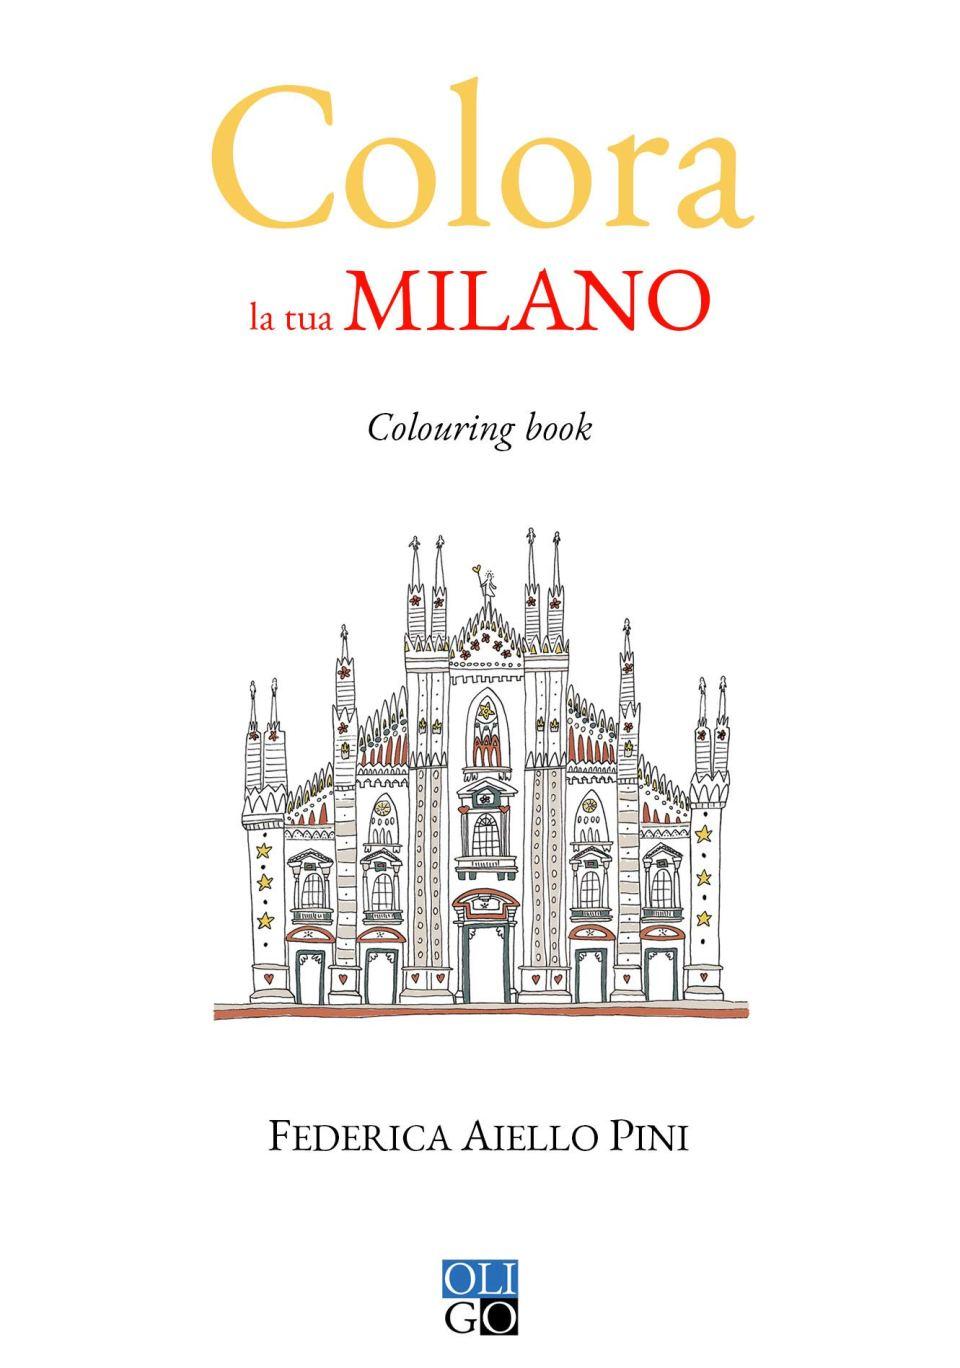 Colora la tua Milano Book Cover